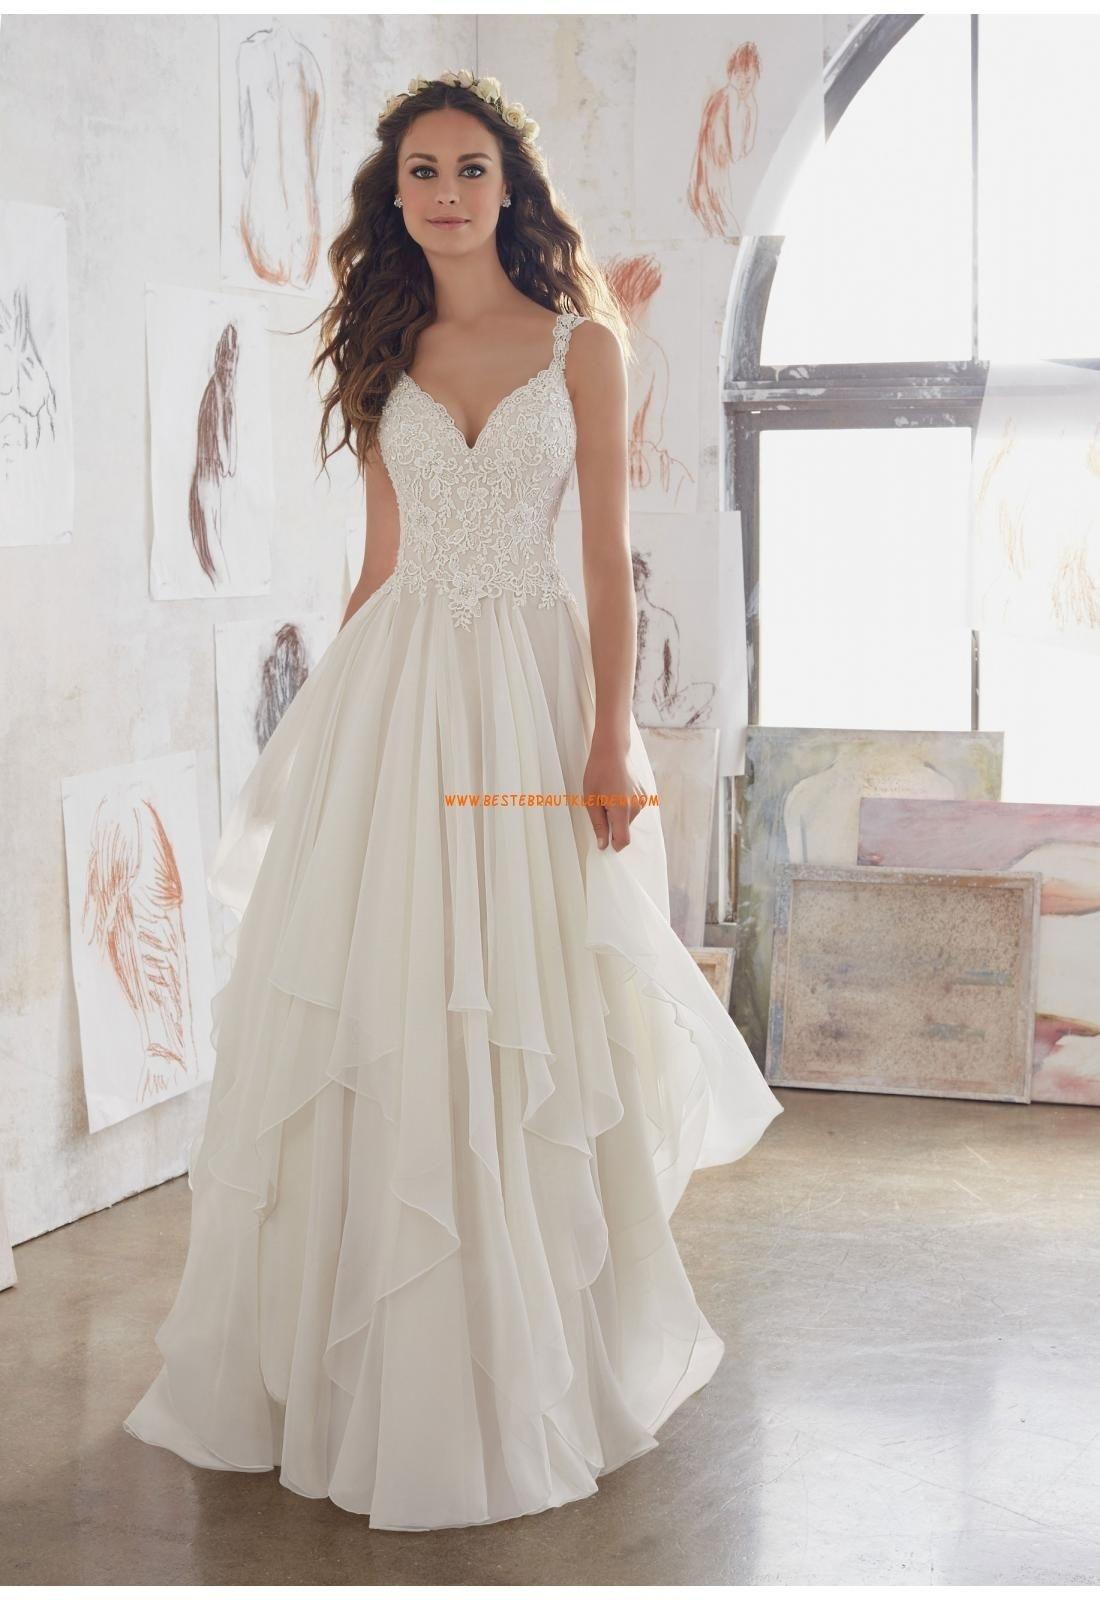 20 Luxus Schöne Hochzeitskleider GalerieAbend Genial Schöne Hochzeitskleider Ärmel